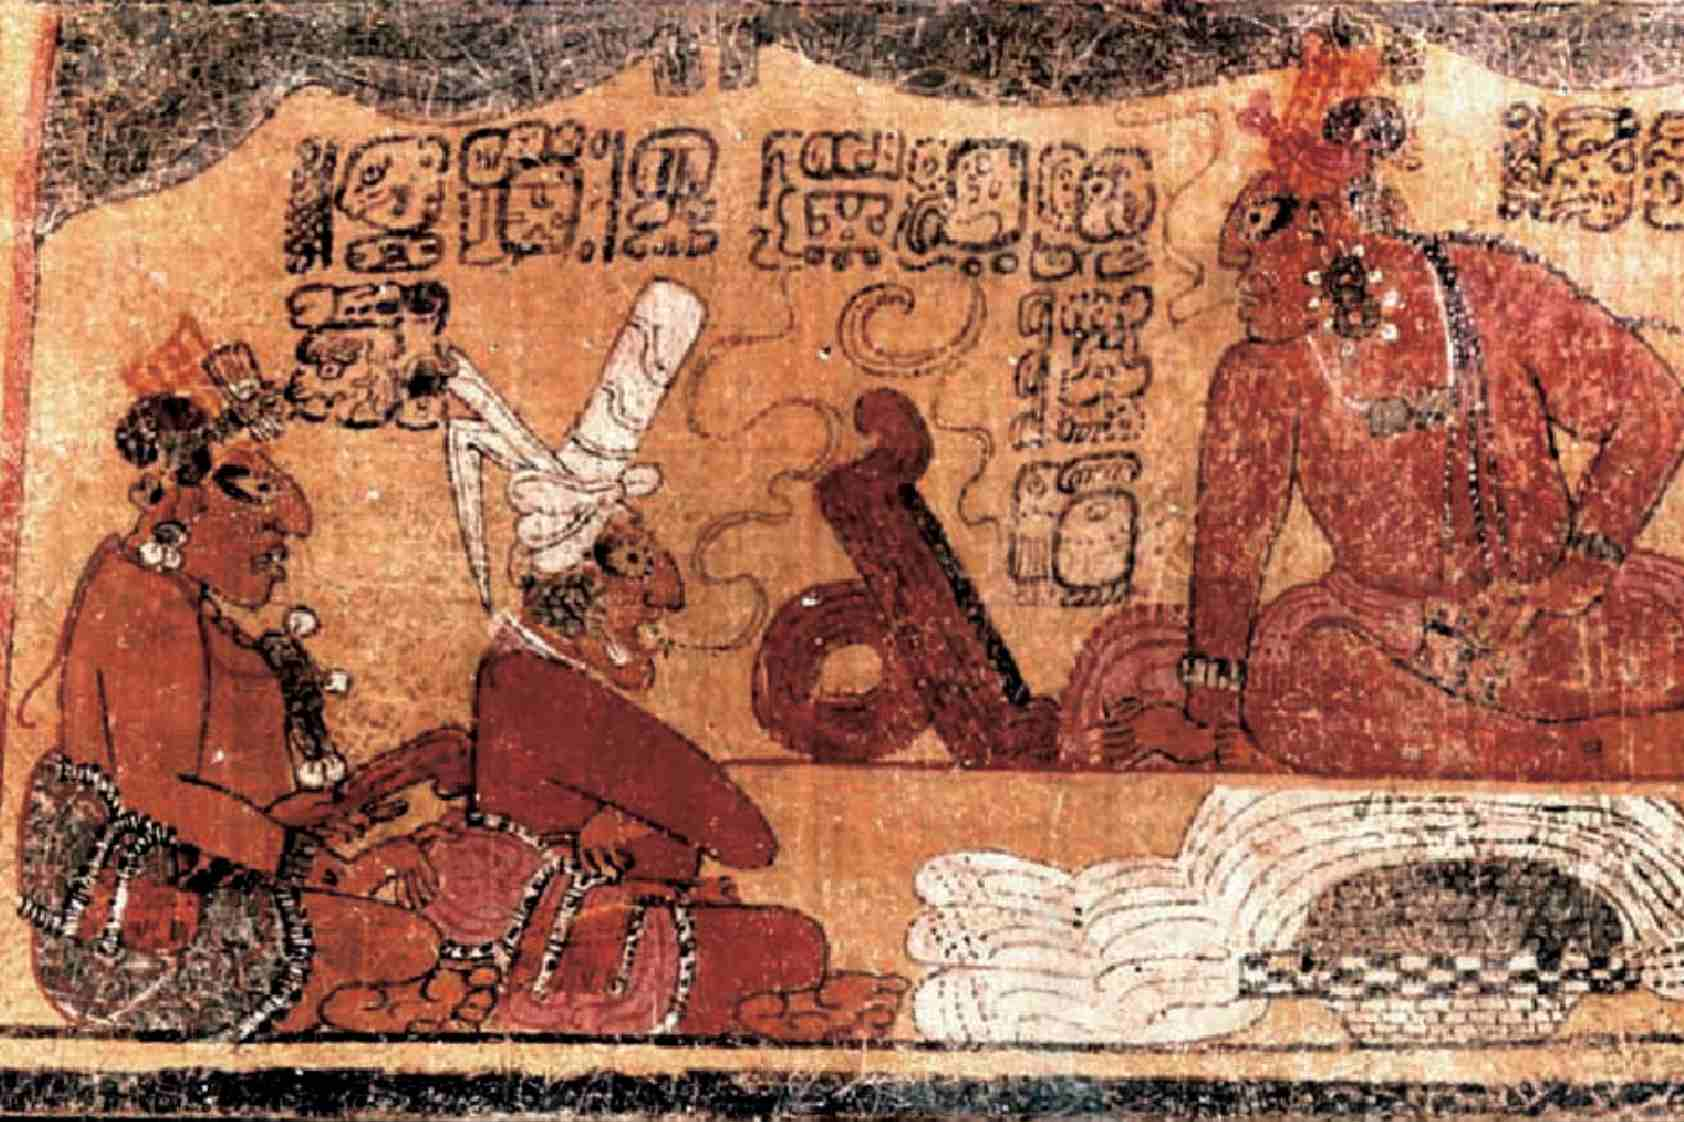 14 curiosidades sobre los espejos prehispánicos en Mesoamérica